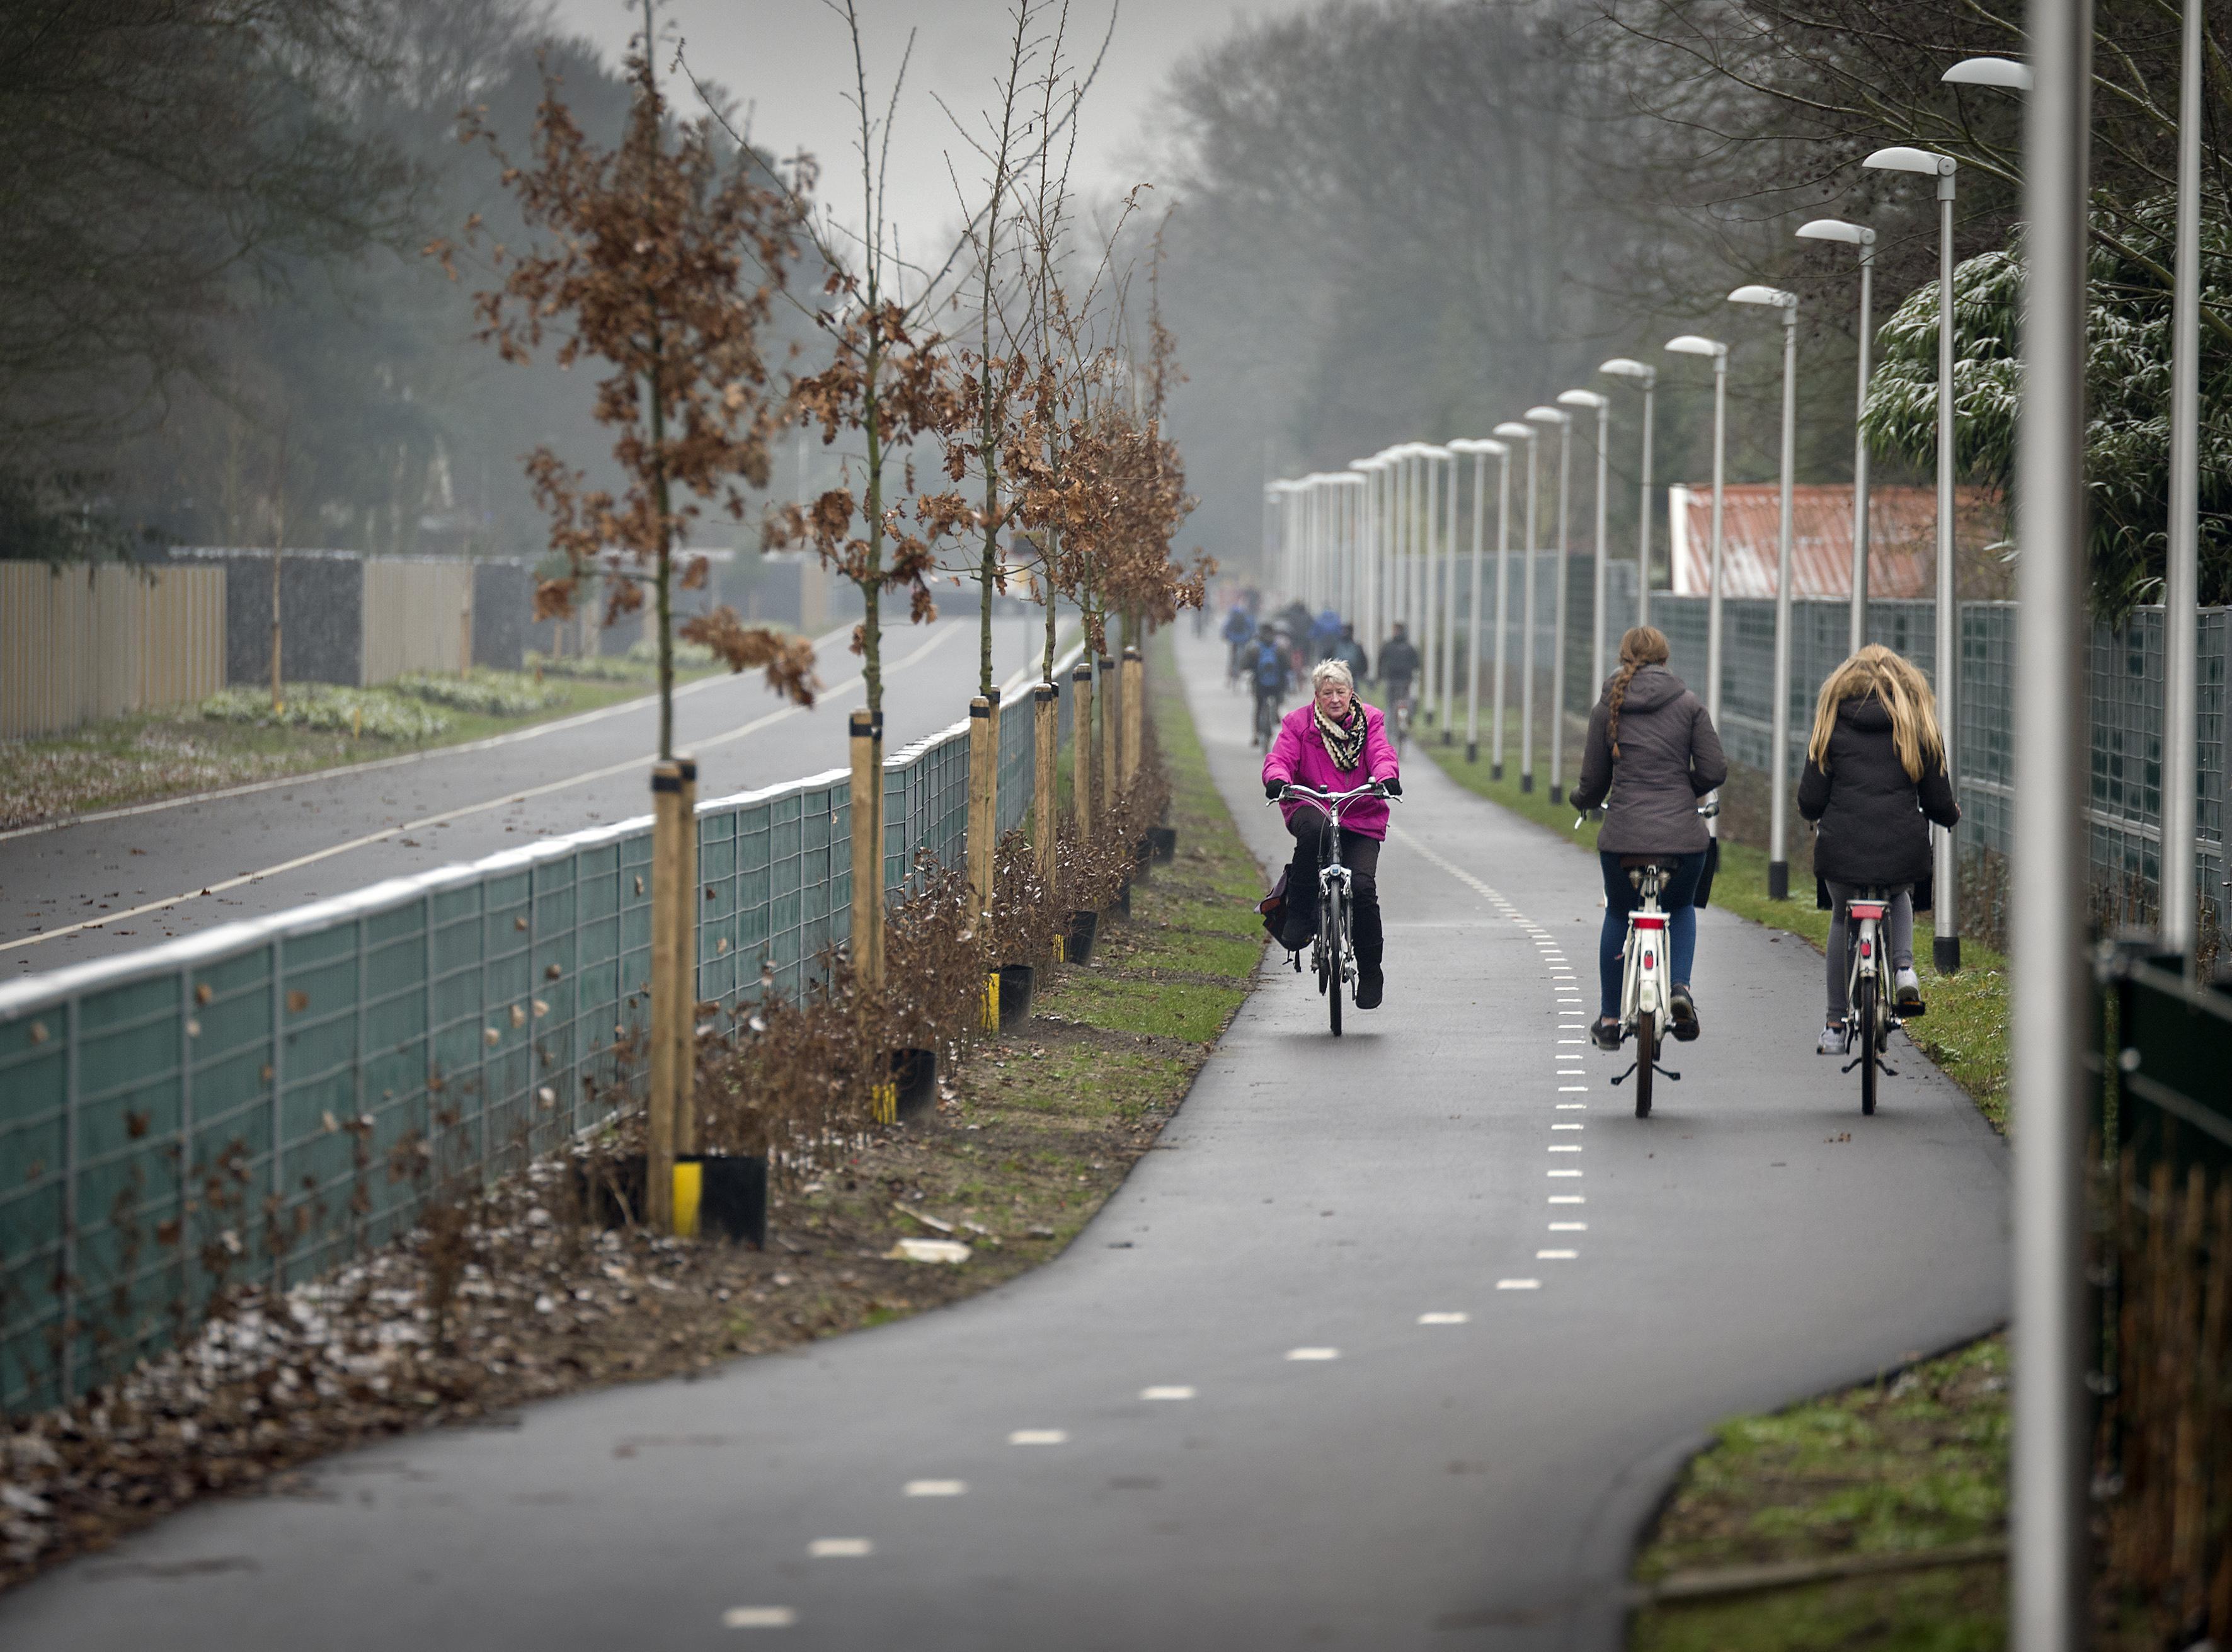 Vleermuizen hebben er geen last van, dus dagelijks 3 uur langer verlichting langs fietspad Driehuis-IJmuiden